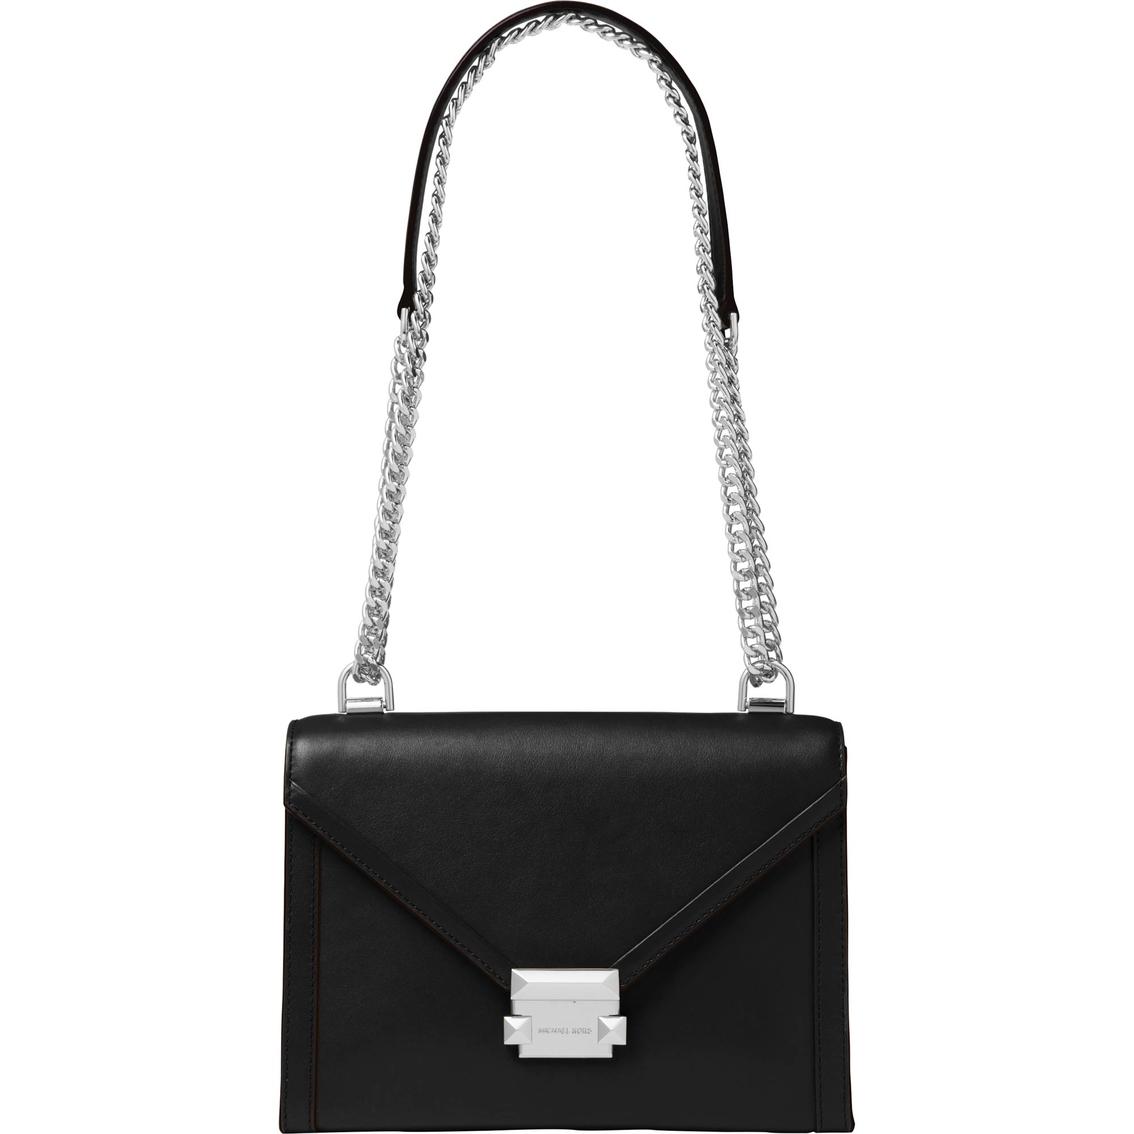 c4d935a2a89b Michael Kors Whitney Leather Large Shoulder Bag | Handbags | Shop ...